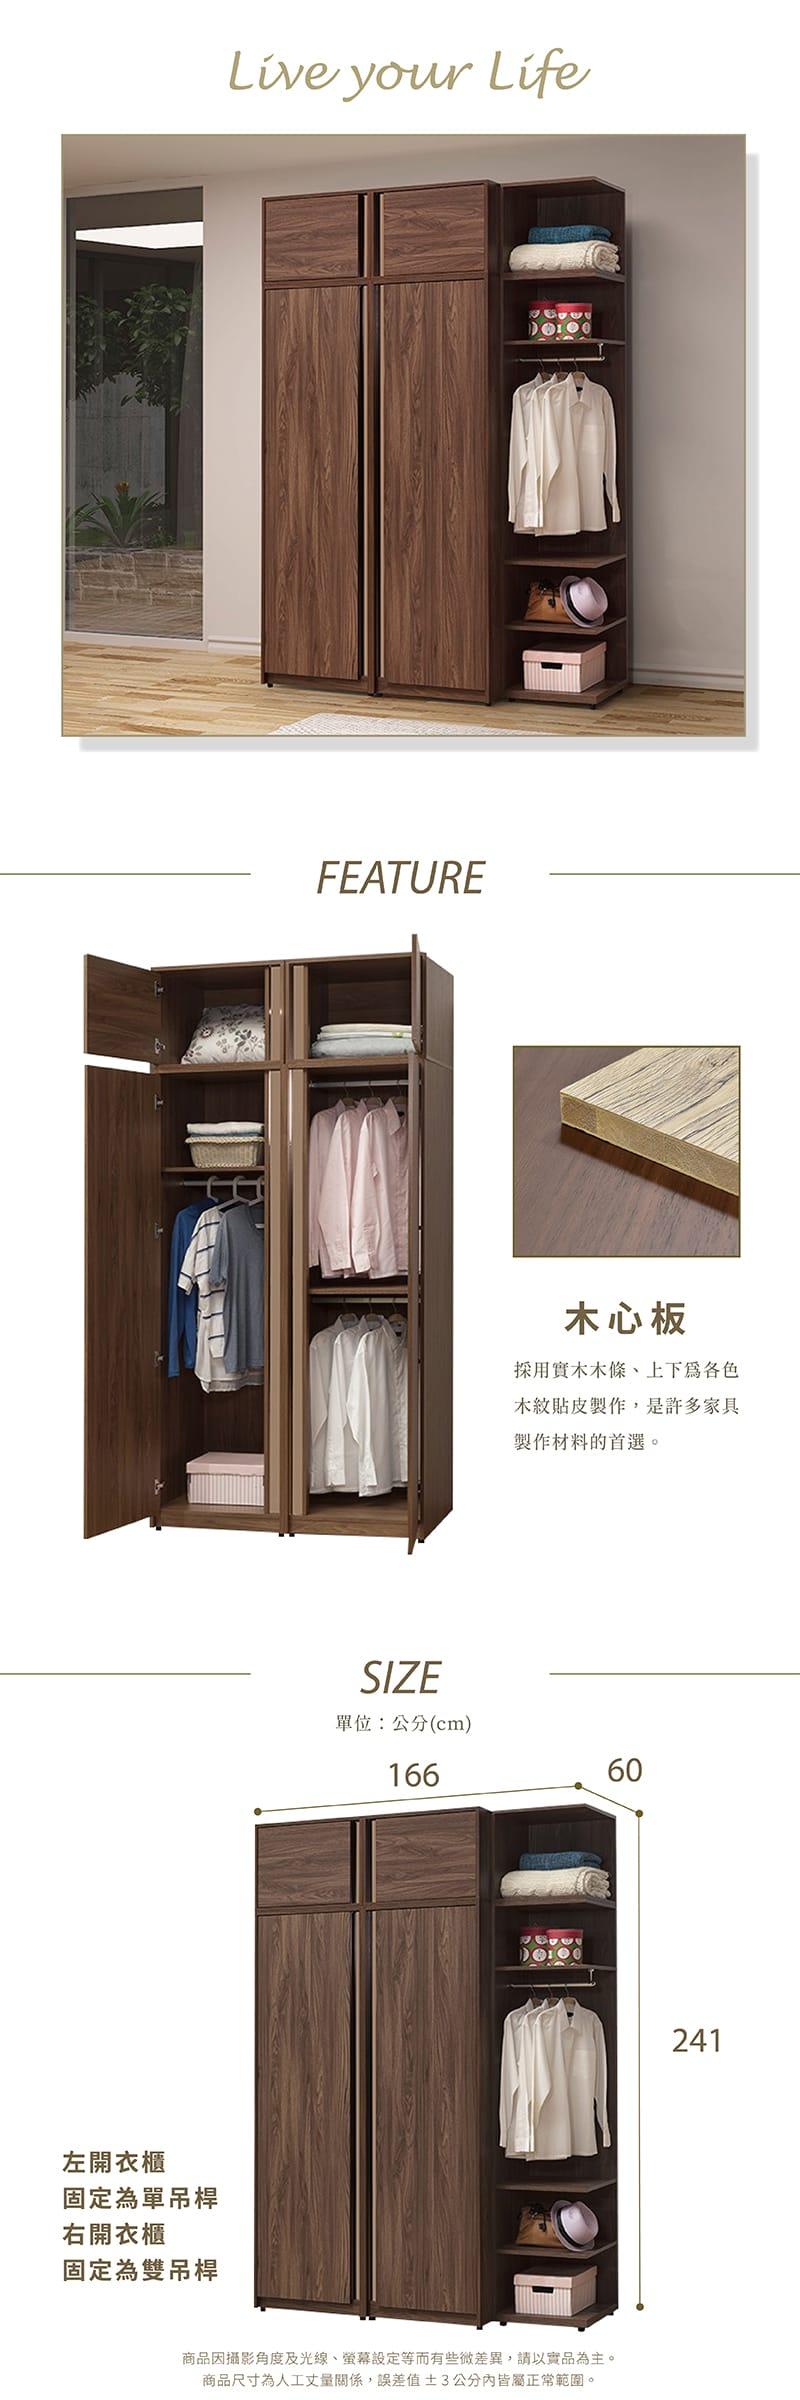 達爾文 拉門收納置物衣櫃組 寬166cm(衣櫃+被櫃)